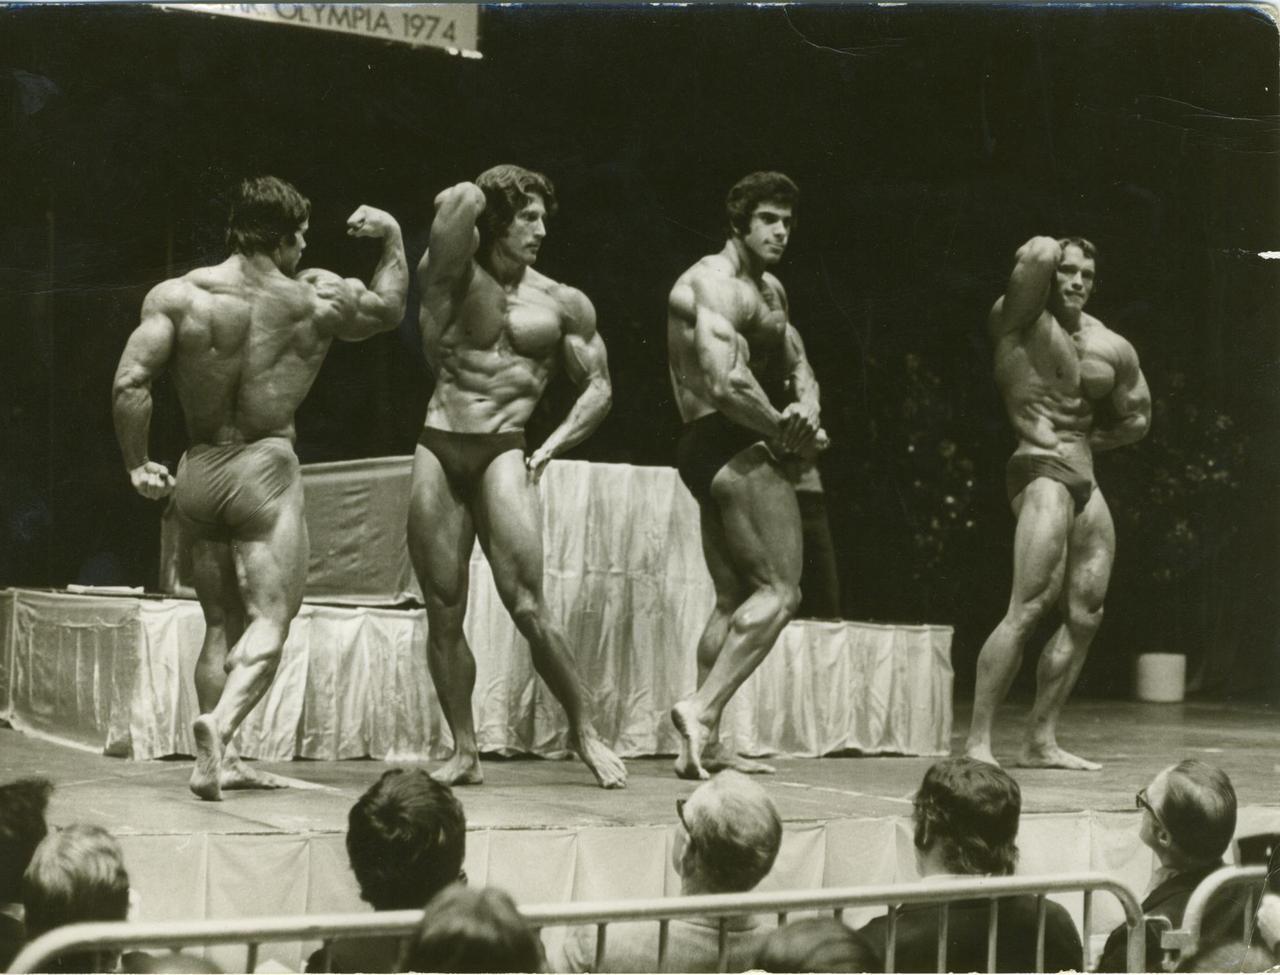 olympia_1974_Arnold_Lou_franco